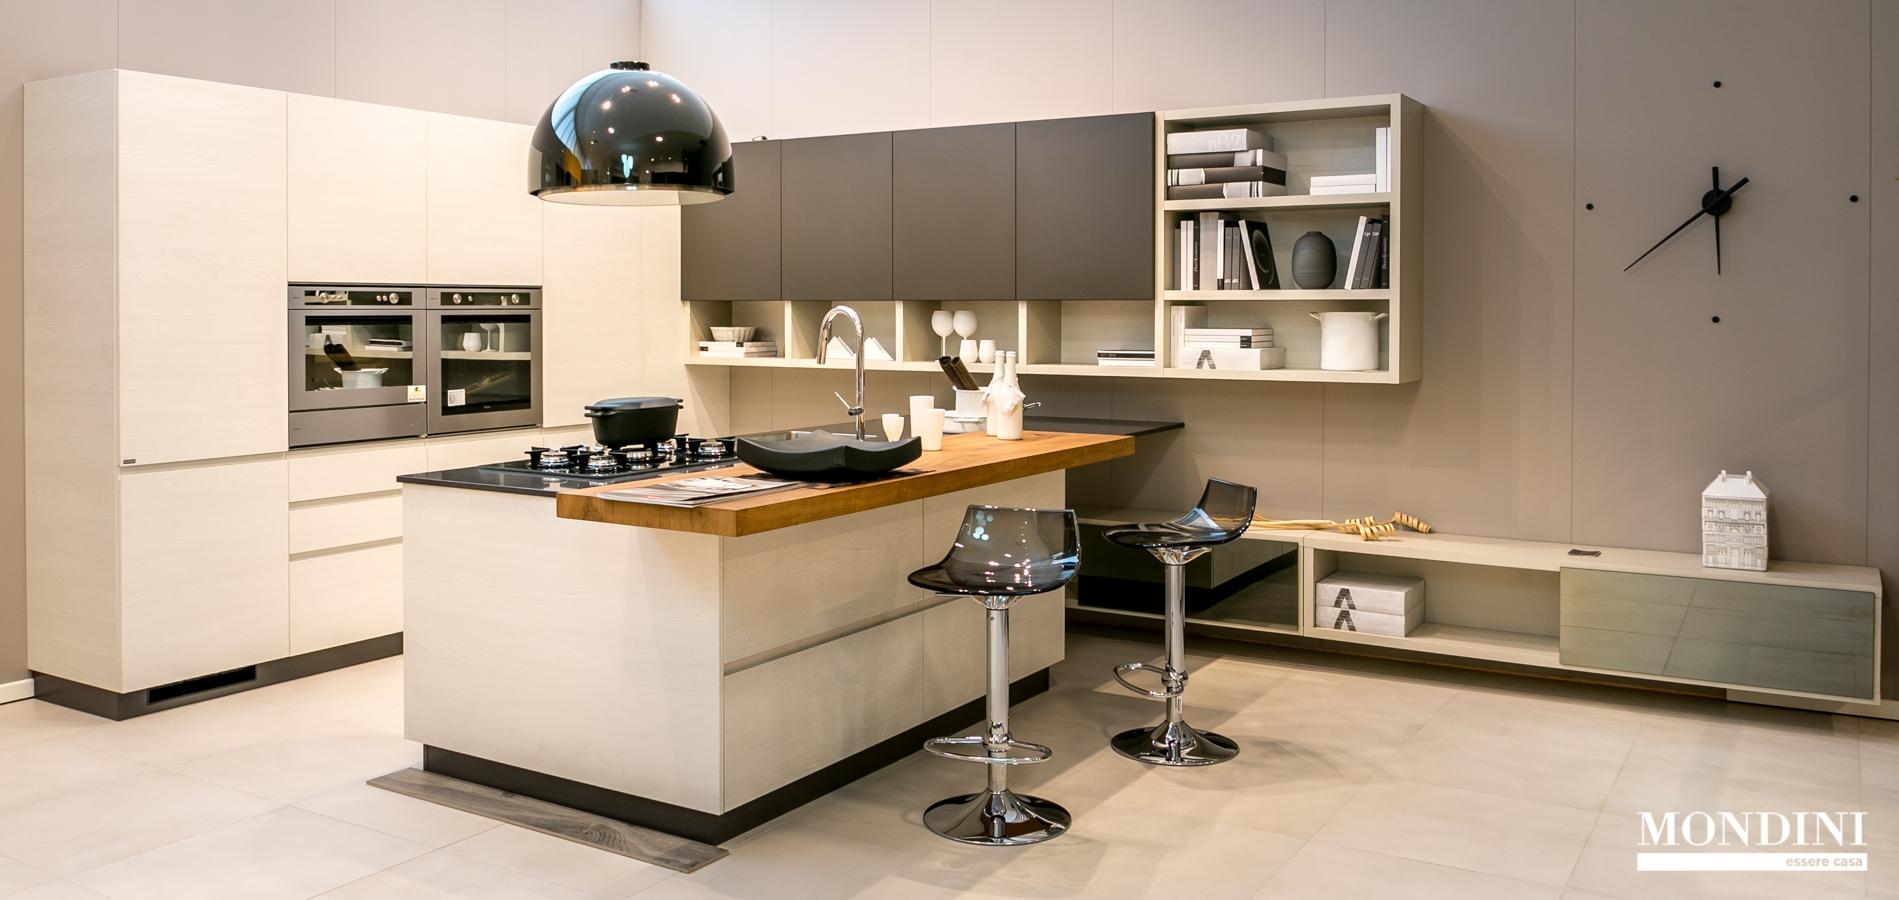 Cucina con isola scavolini modello motus scontata del 41 cucine a prezzi scontati - Cucina moderna con isola ...